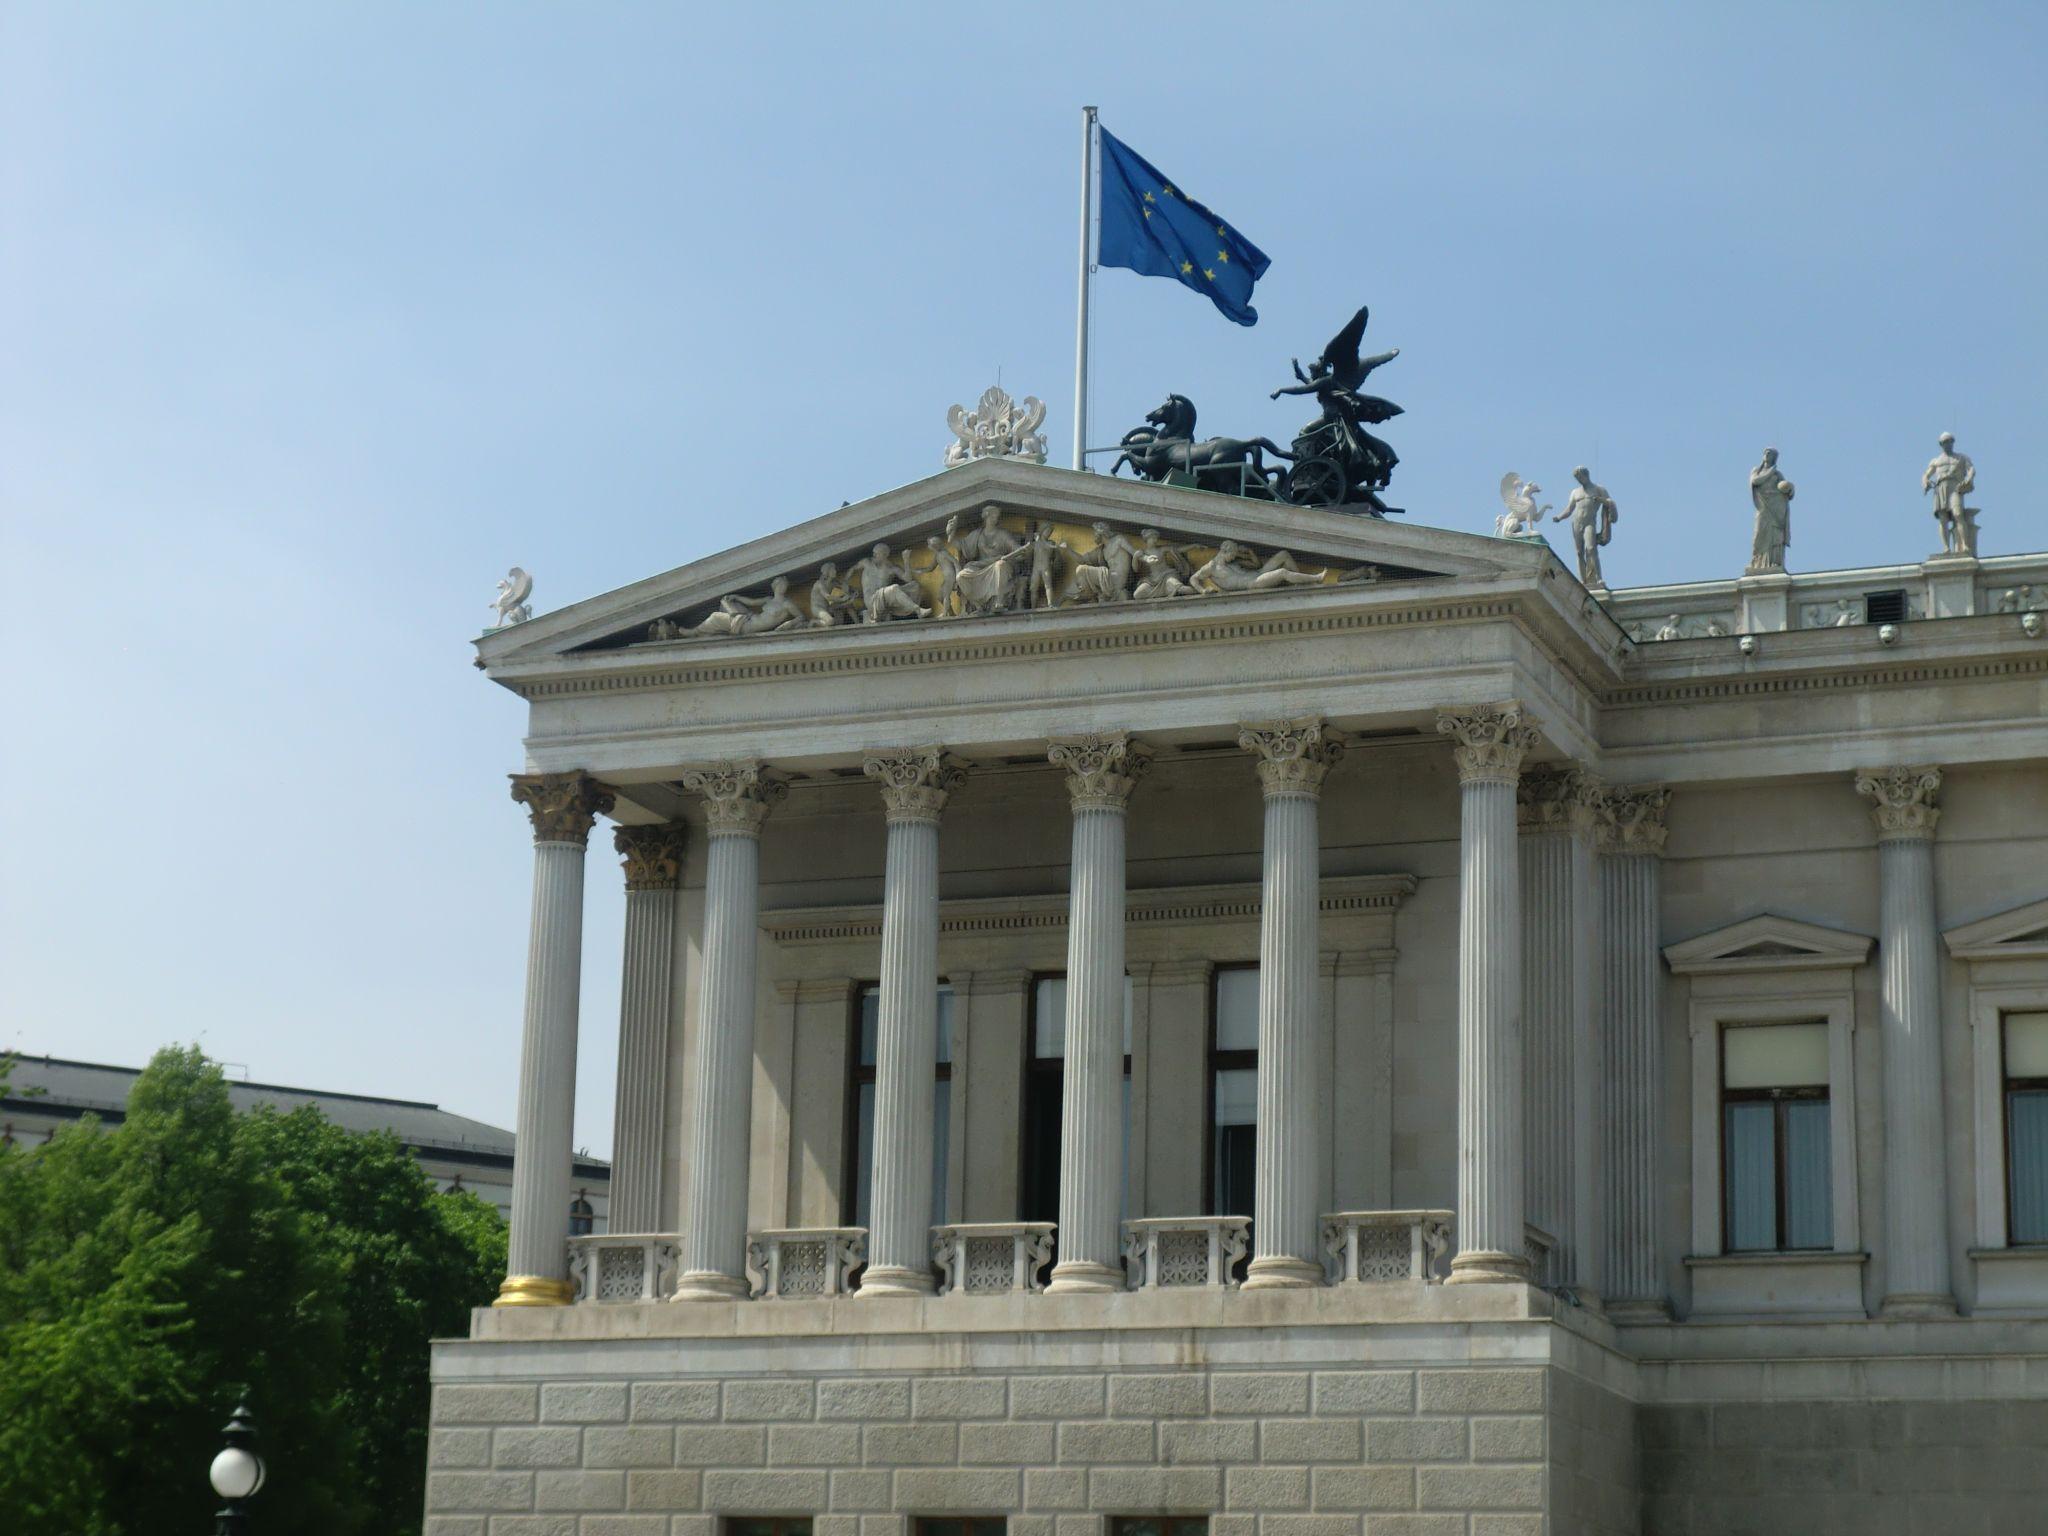 Vienna institutions 12 1440x1080 - Vienna: elegant beauty